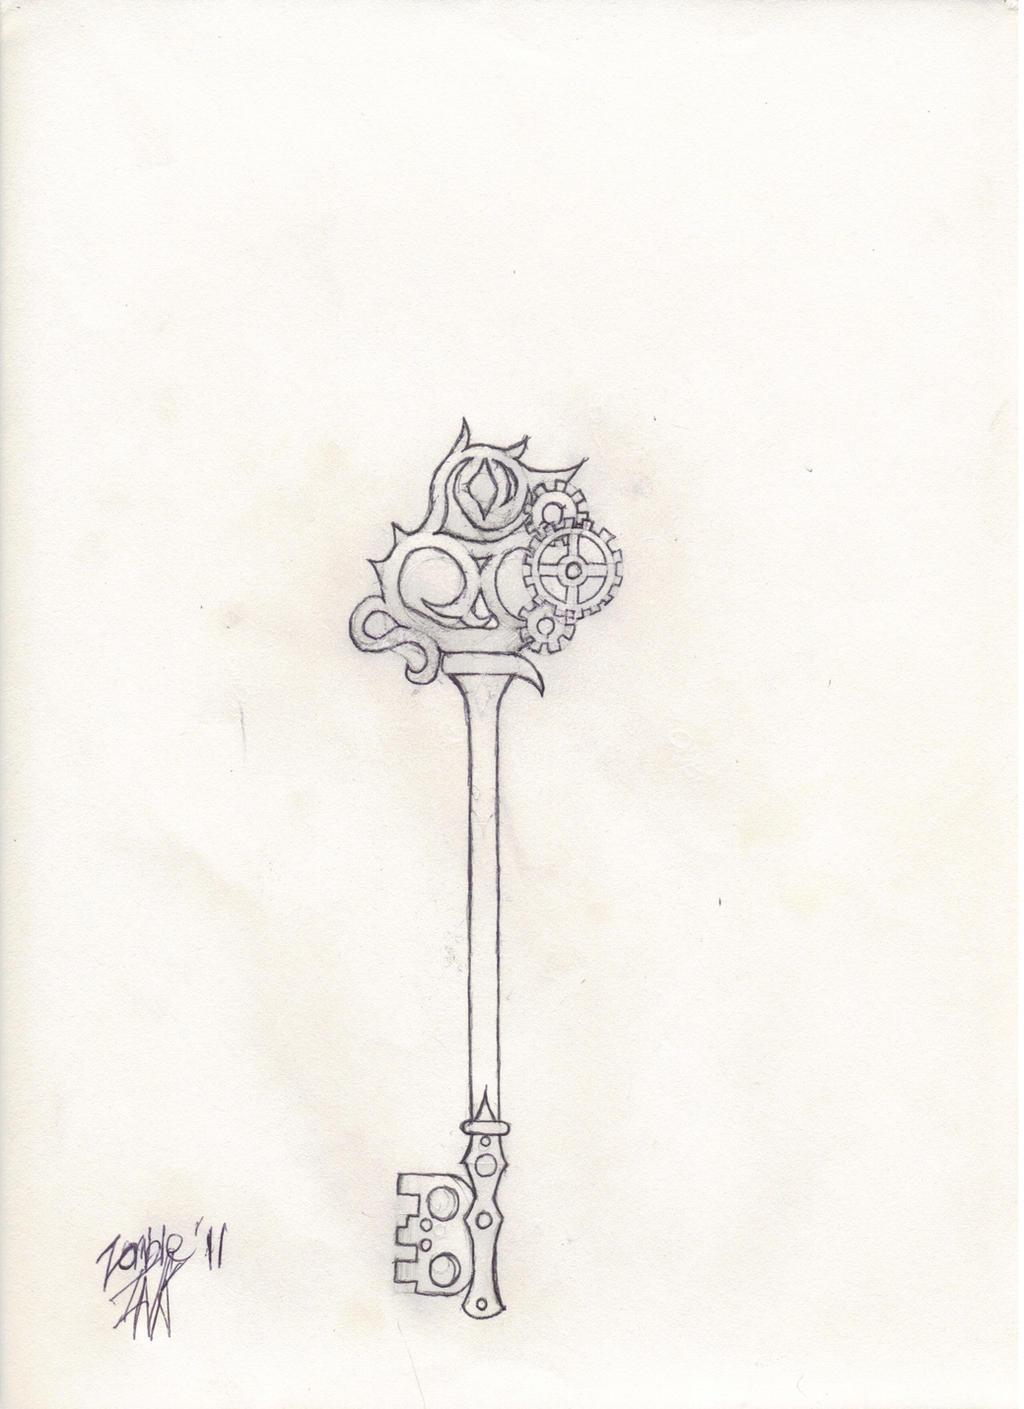 The Skeleton Key Sketch by ZombieBerlioz